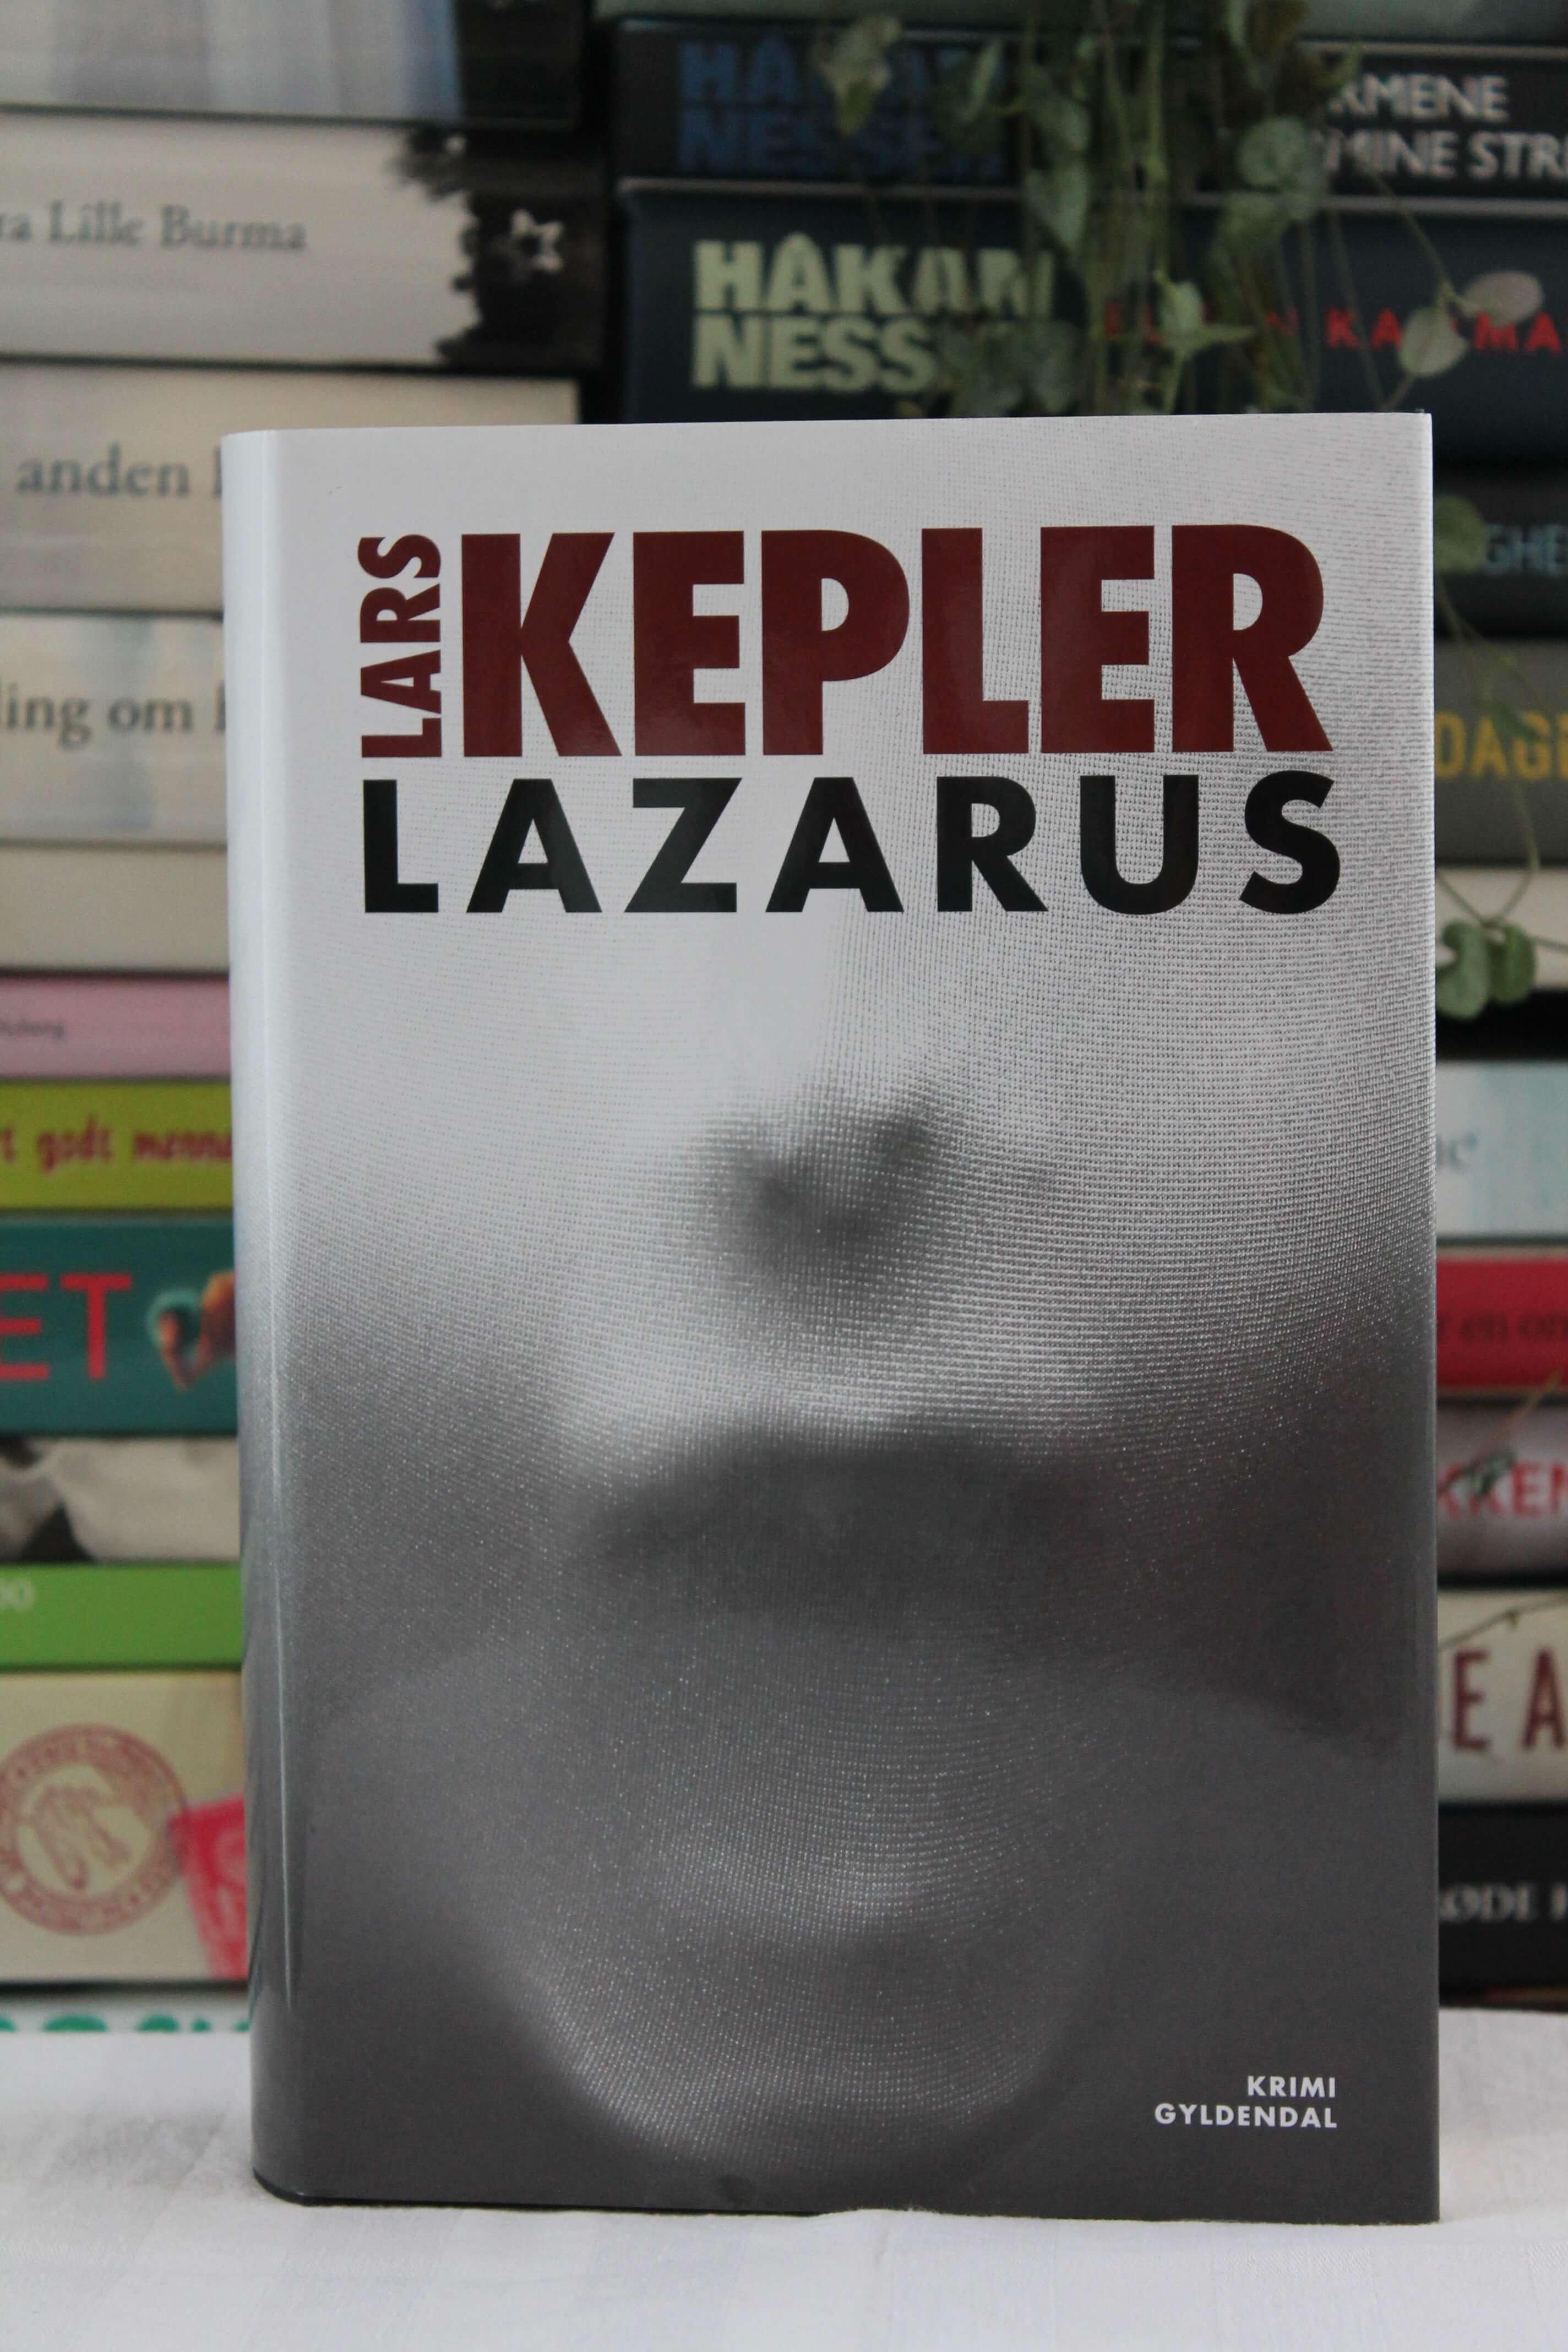 Lazarus, uhyggelig som bare pokker